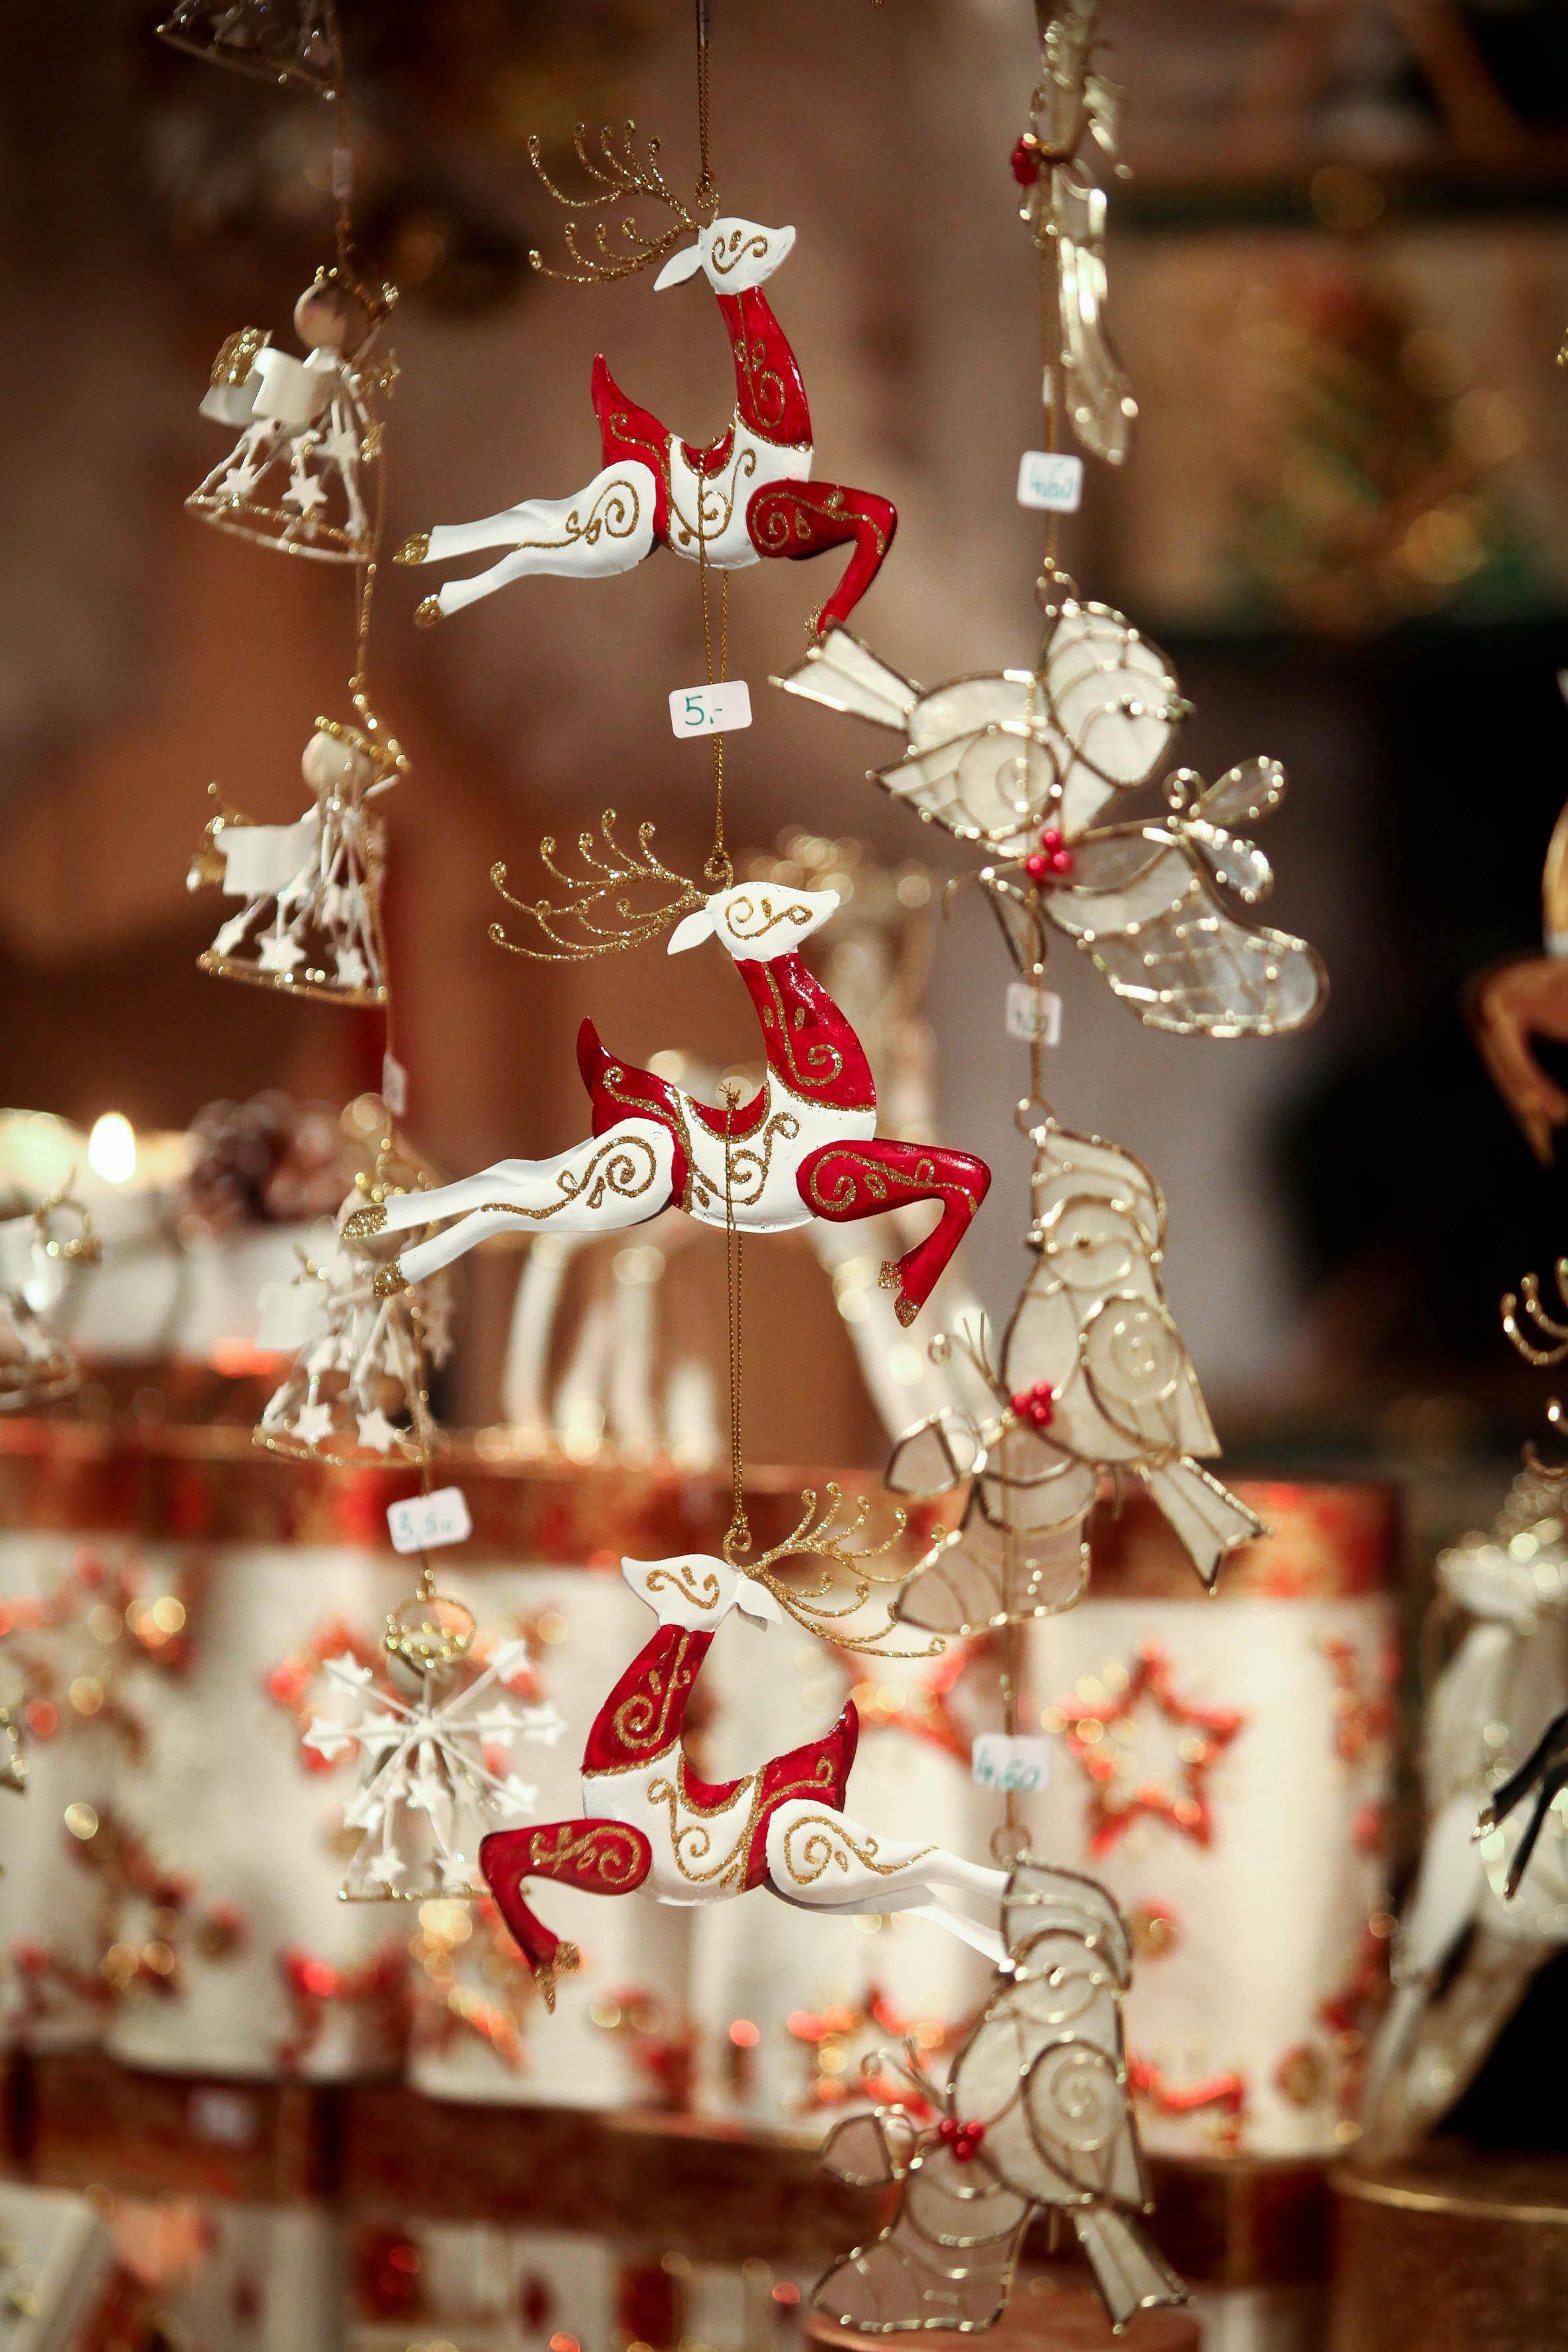 Liebevoll gearbeitete Weihnachtsdekoration